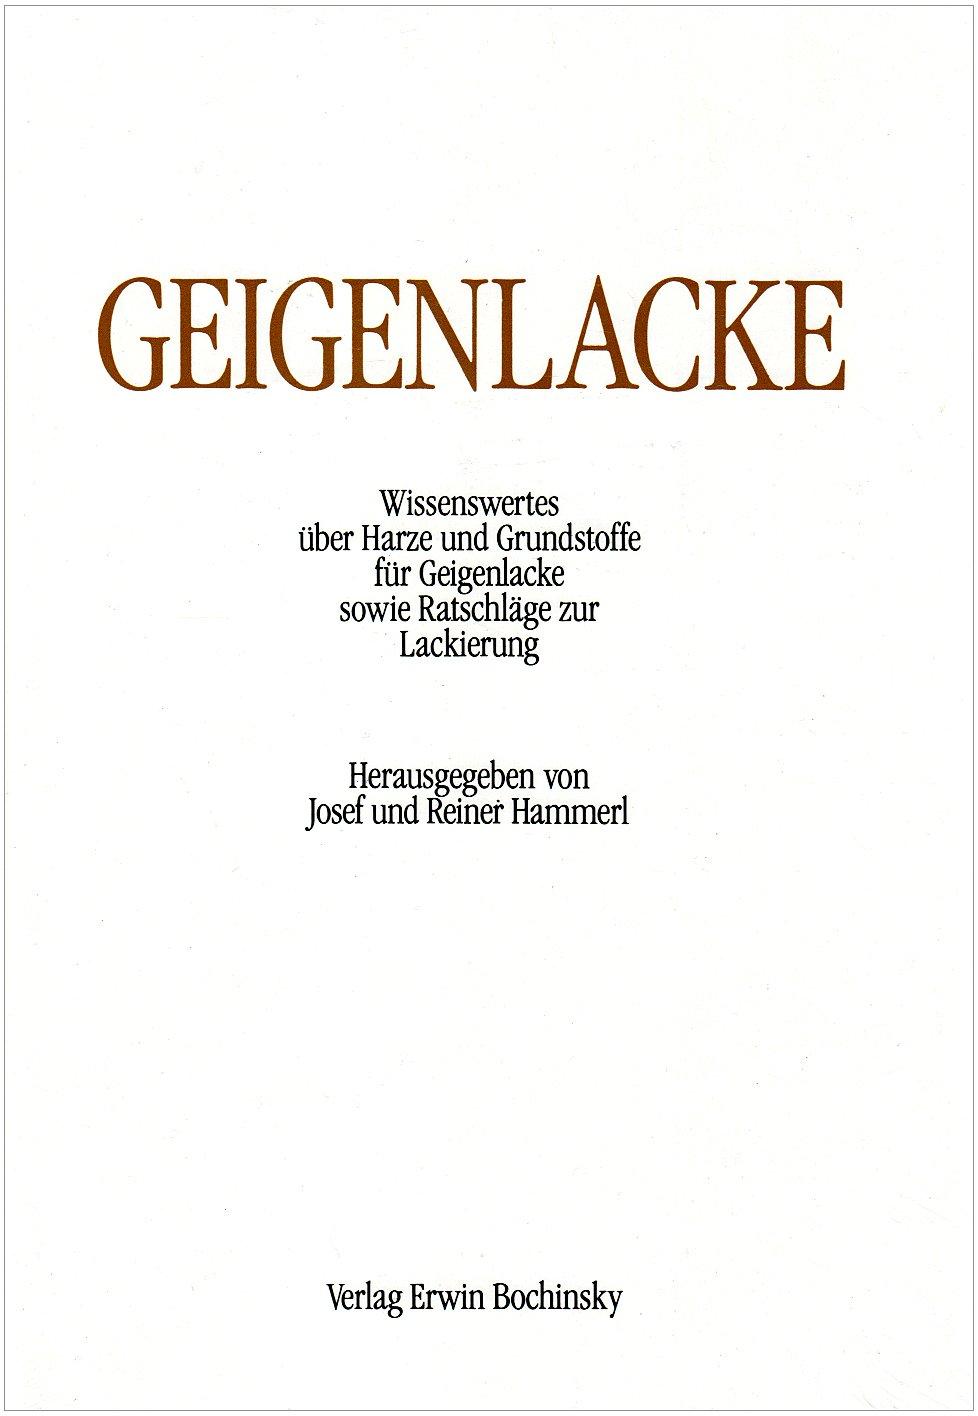 Geigenlacke. Wissenswertes über Harze und Grundstoffe für Geigenlacke sowie Ratschläge zur Lackierung